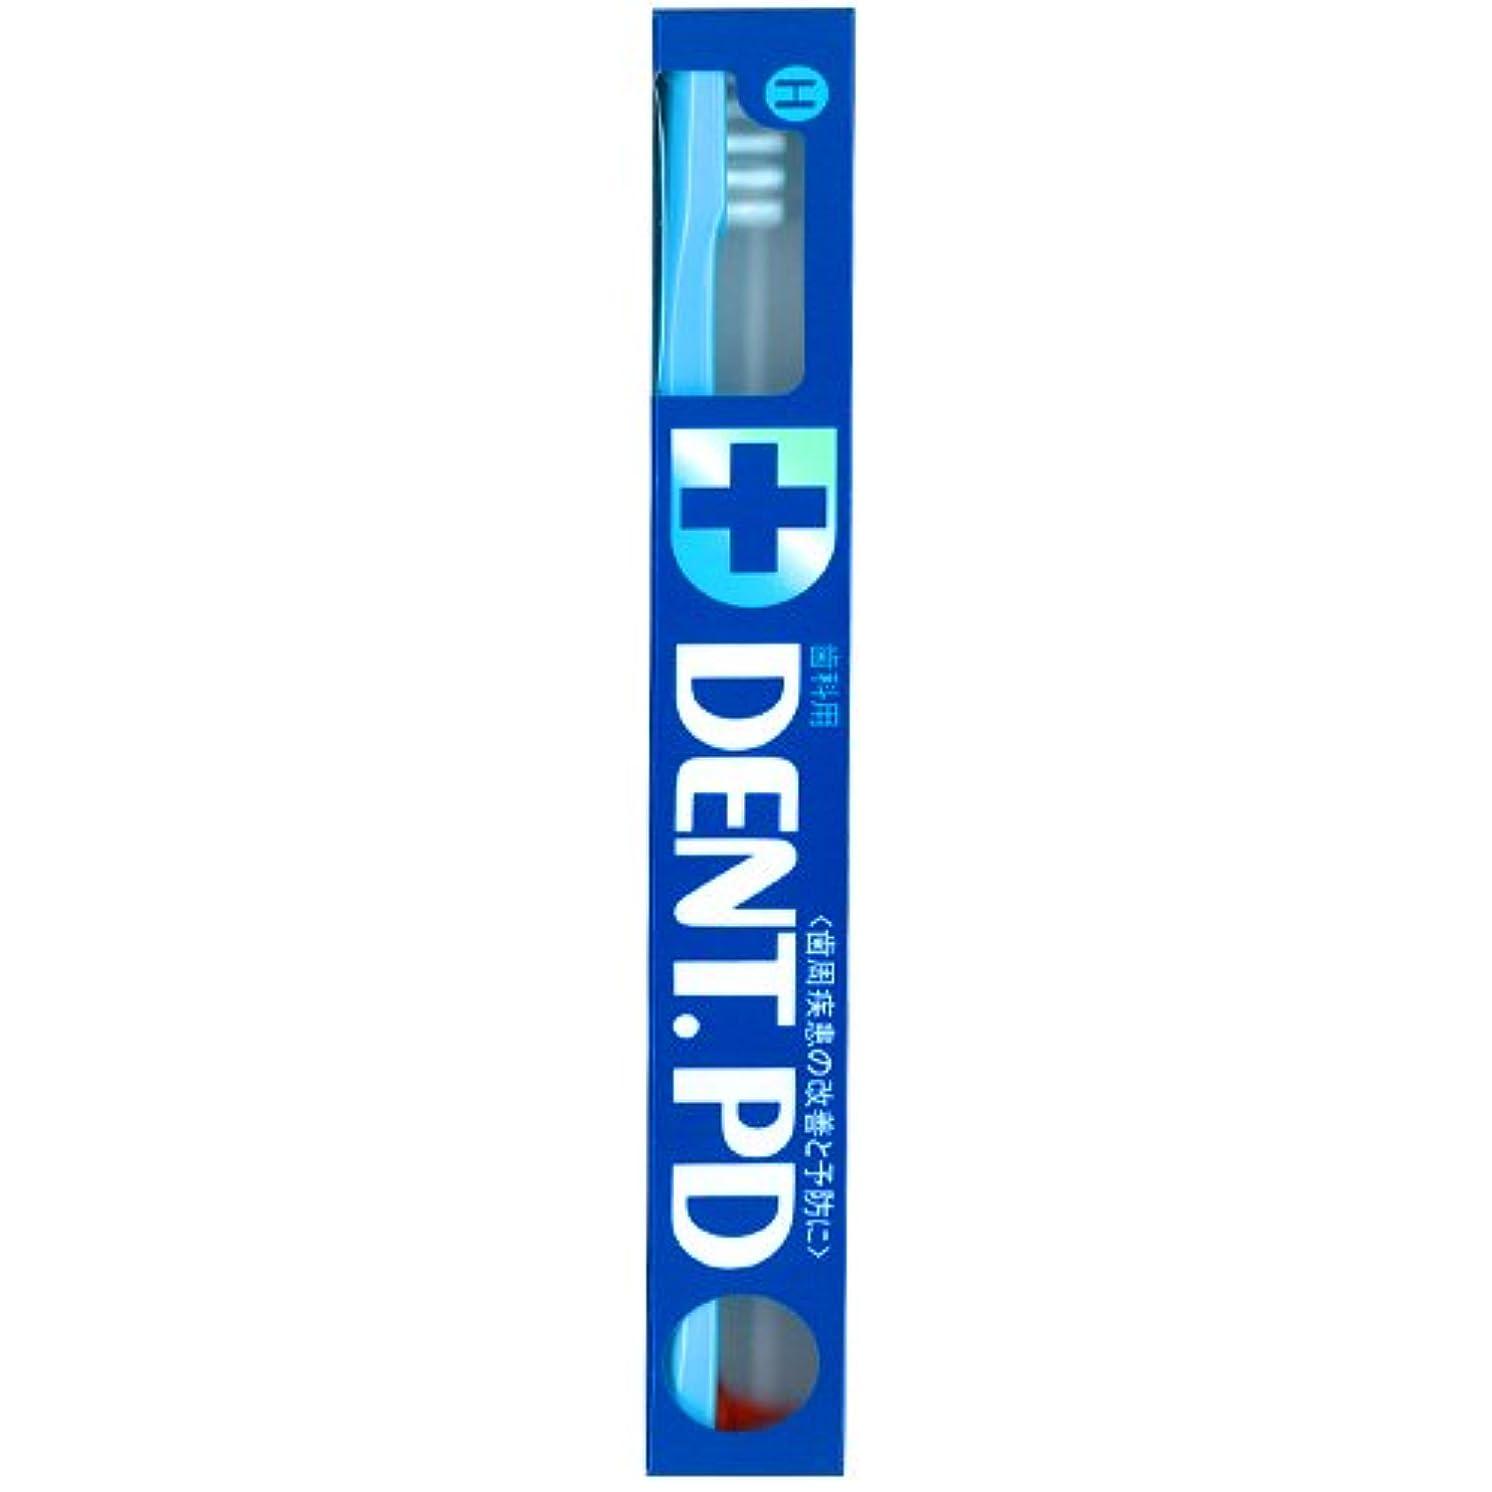 叙情的な記念碑的な満州ライオン DENT.PD歯ブラシ 1本 H (ブルー)